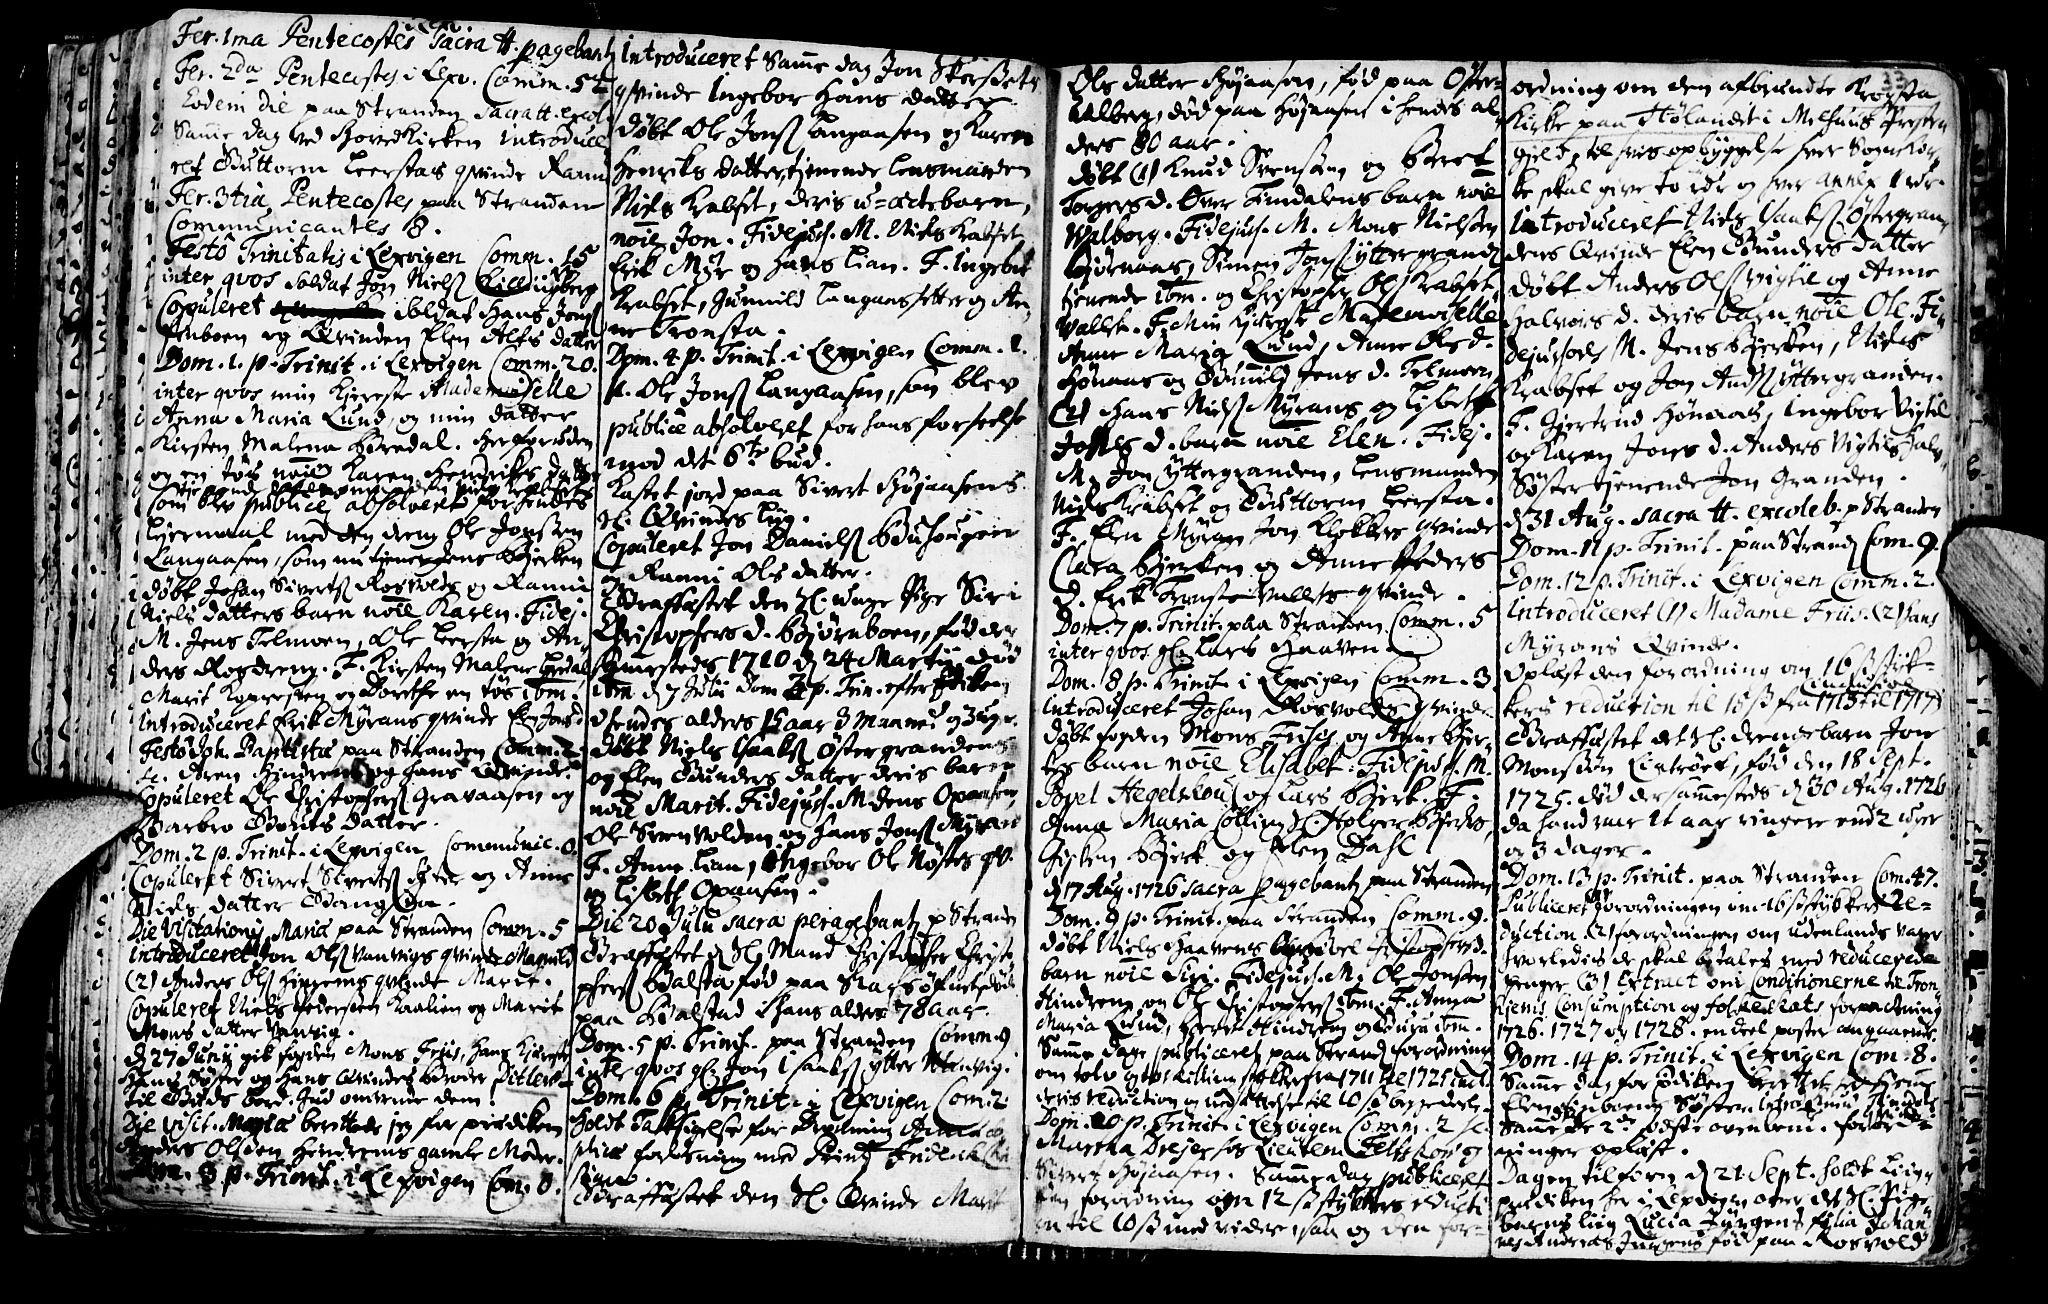 SAT, Ministerialprotokoller, klokkerbøker og fødselsregistre - Nord-Trøndelag, 701/L0001: Ministerialbok nr. 701A01, 1717-1731, s. 33